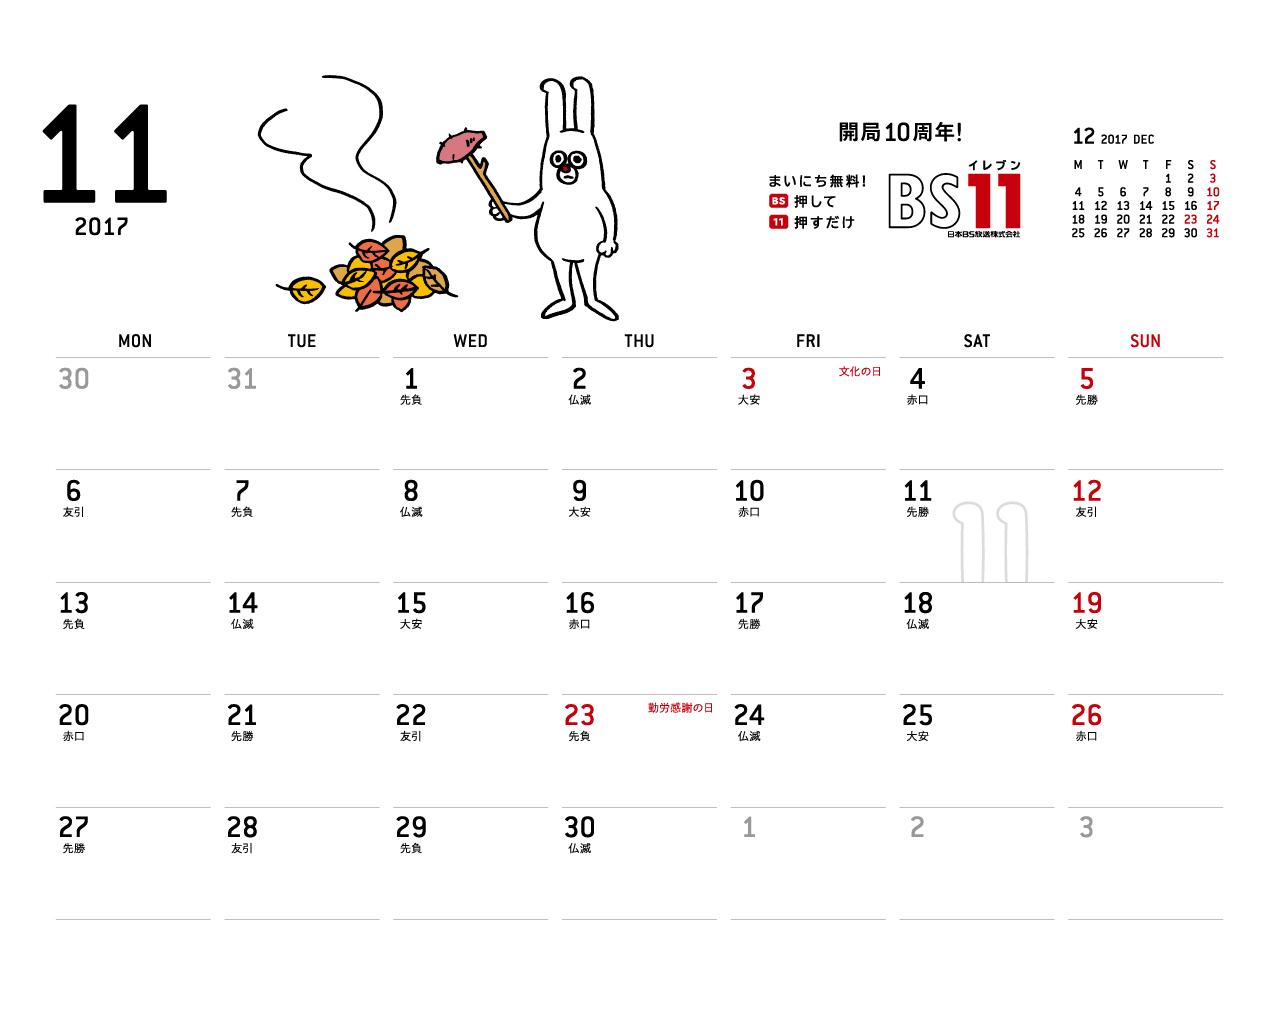 デジタルカレンダー 2017年11月